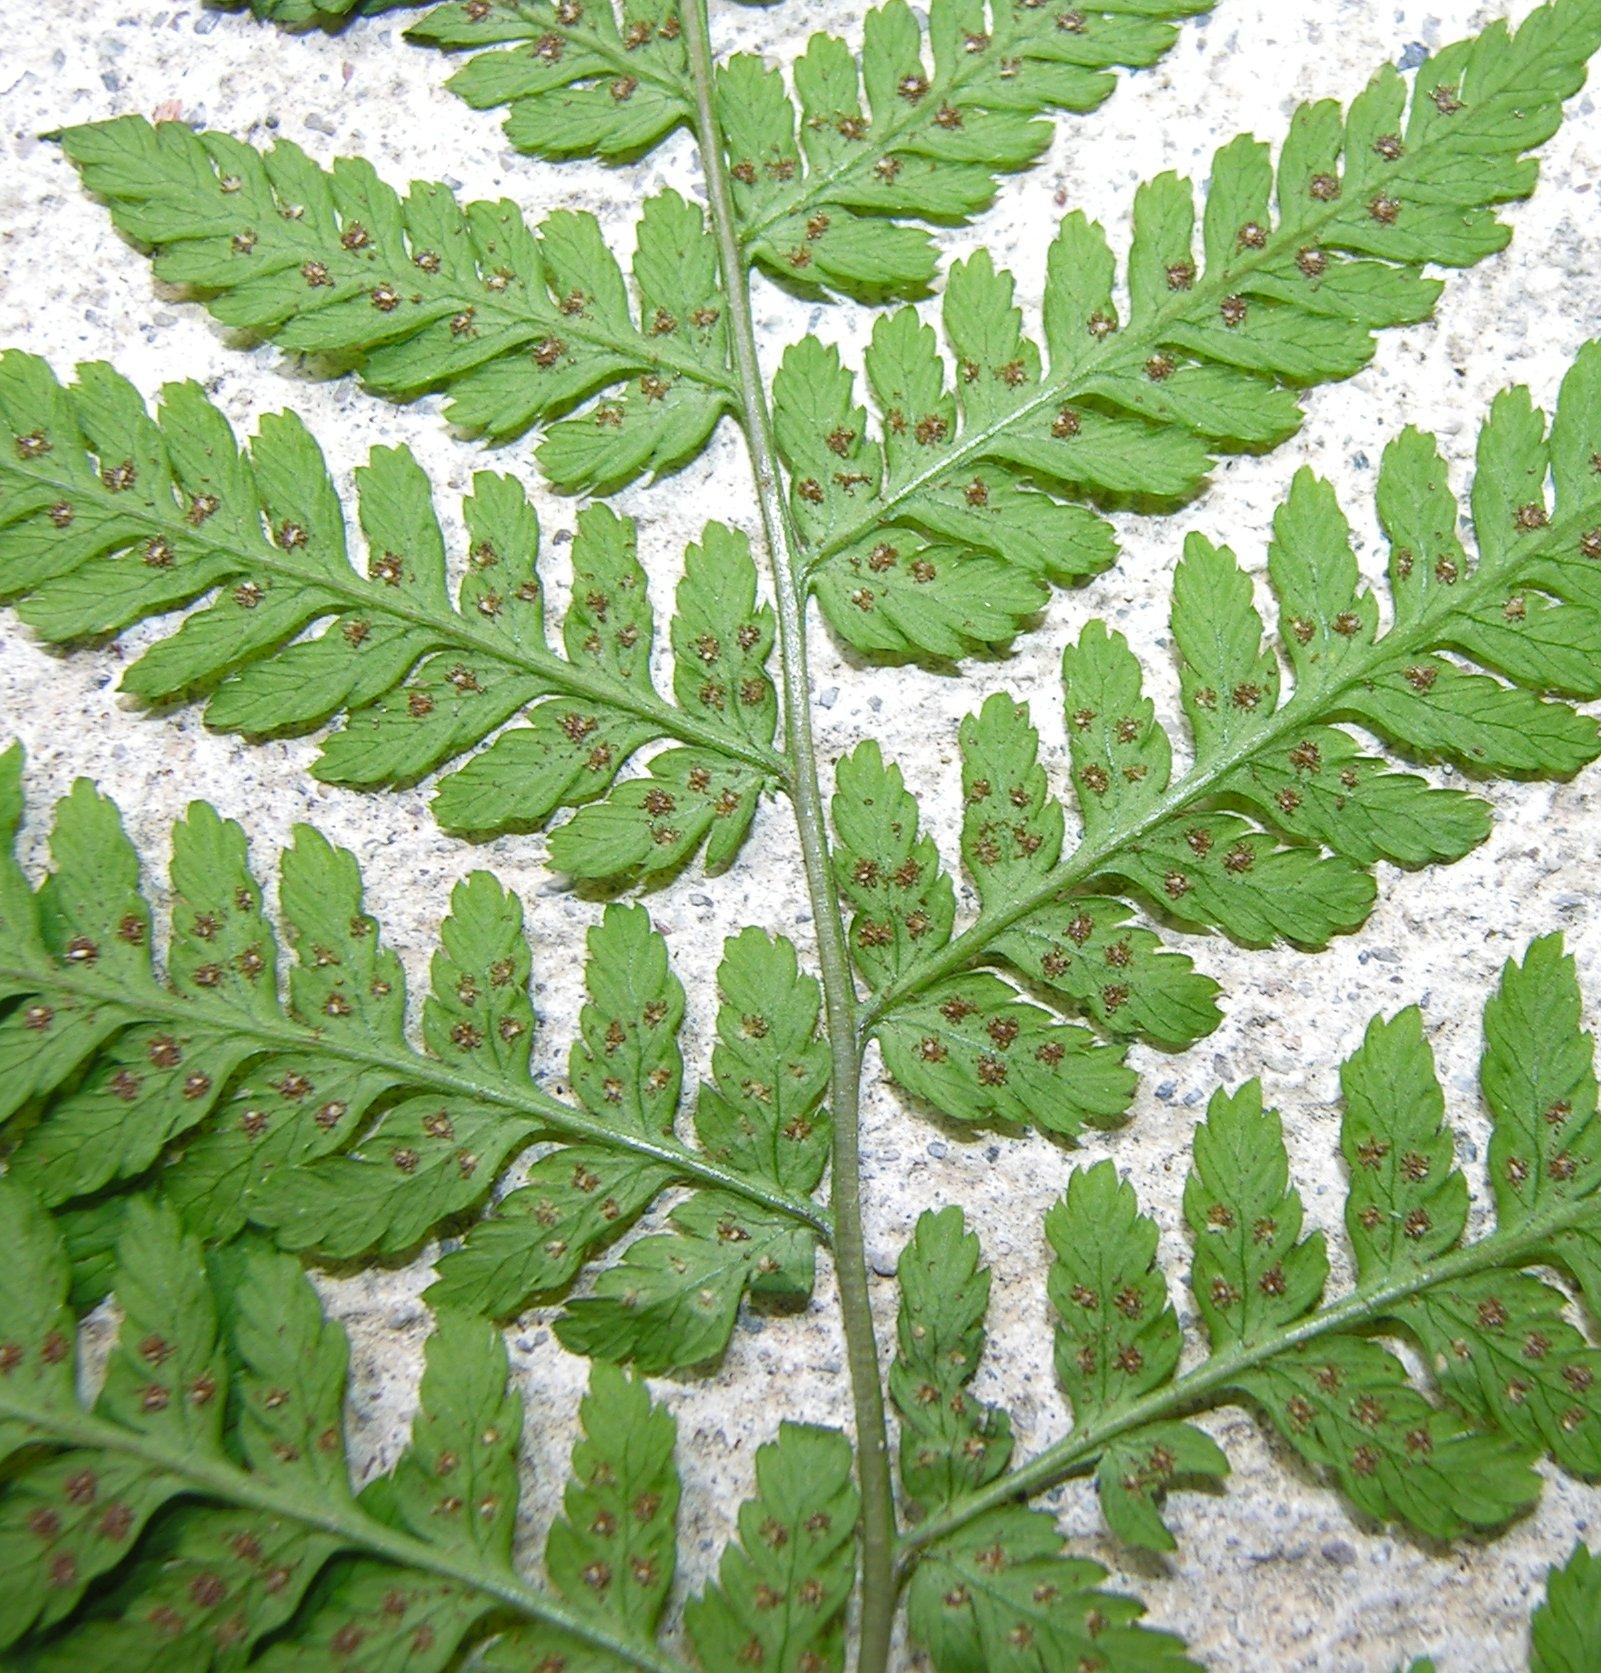 © Dipartimento di Scienze della Vita, Università degli Studi di Trieste<br>by Andrea Moro<br>Comune di Ampezzo, Passo del Pura., UD, Friuli Venezia Giulia, Italia, 26/07/2006<br>Distributed under CC-BY-SA 4.0 license.